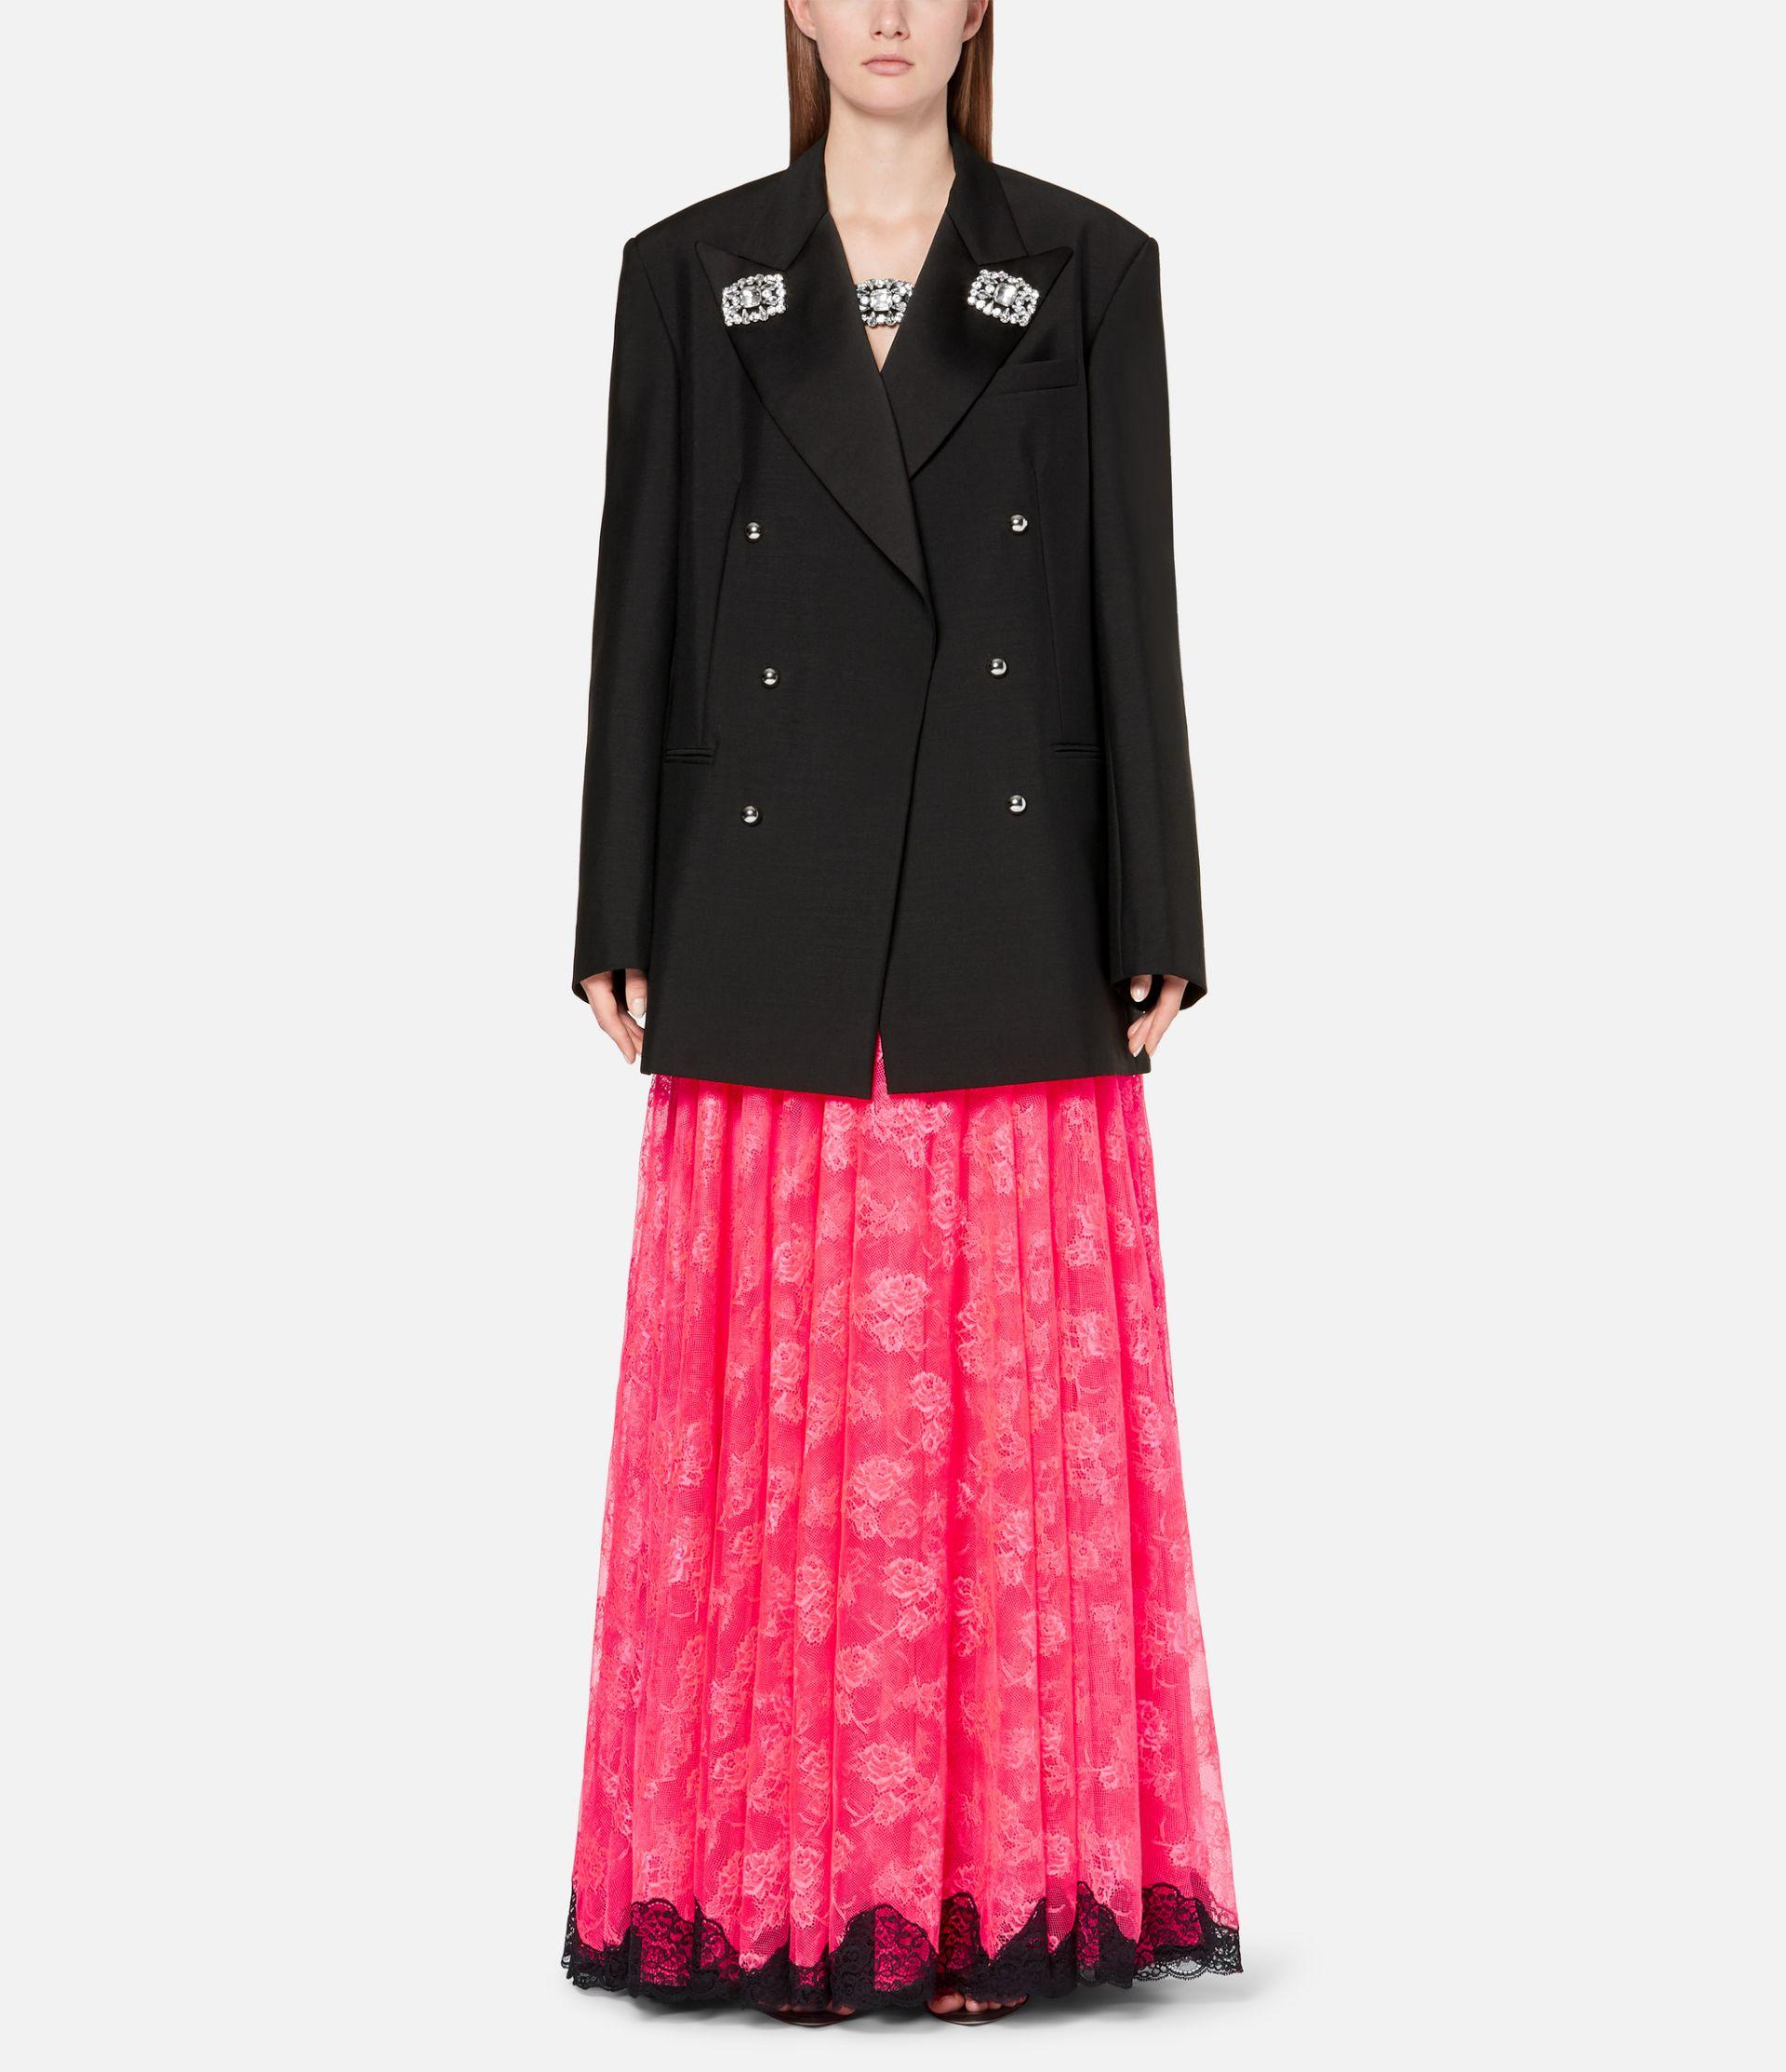 تعرف على سعر فستان الإعلامية مها الصغير المثير للجدل في مهرجان الجونة